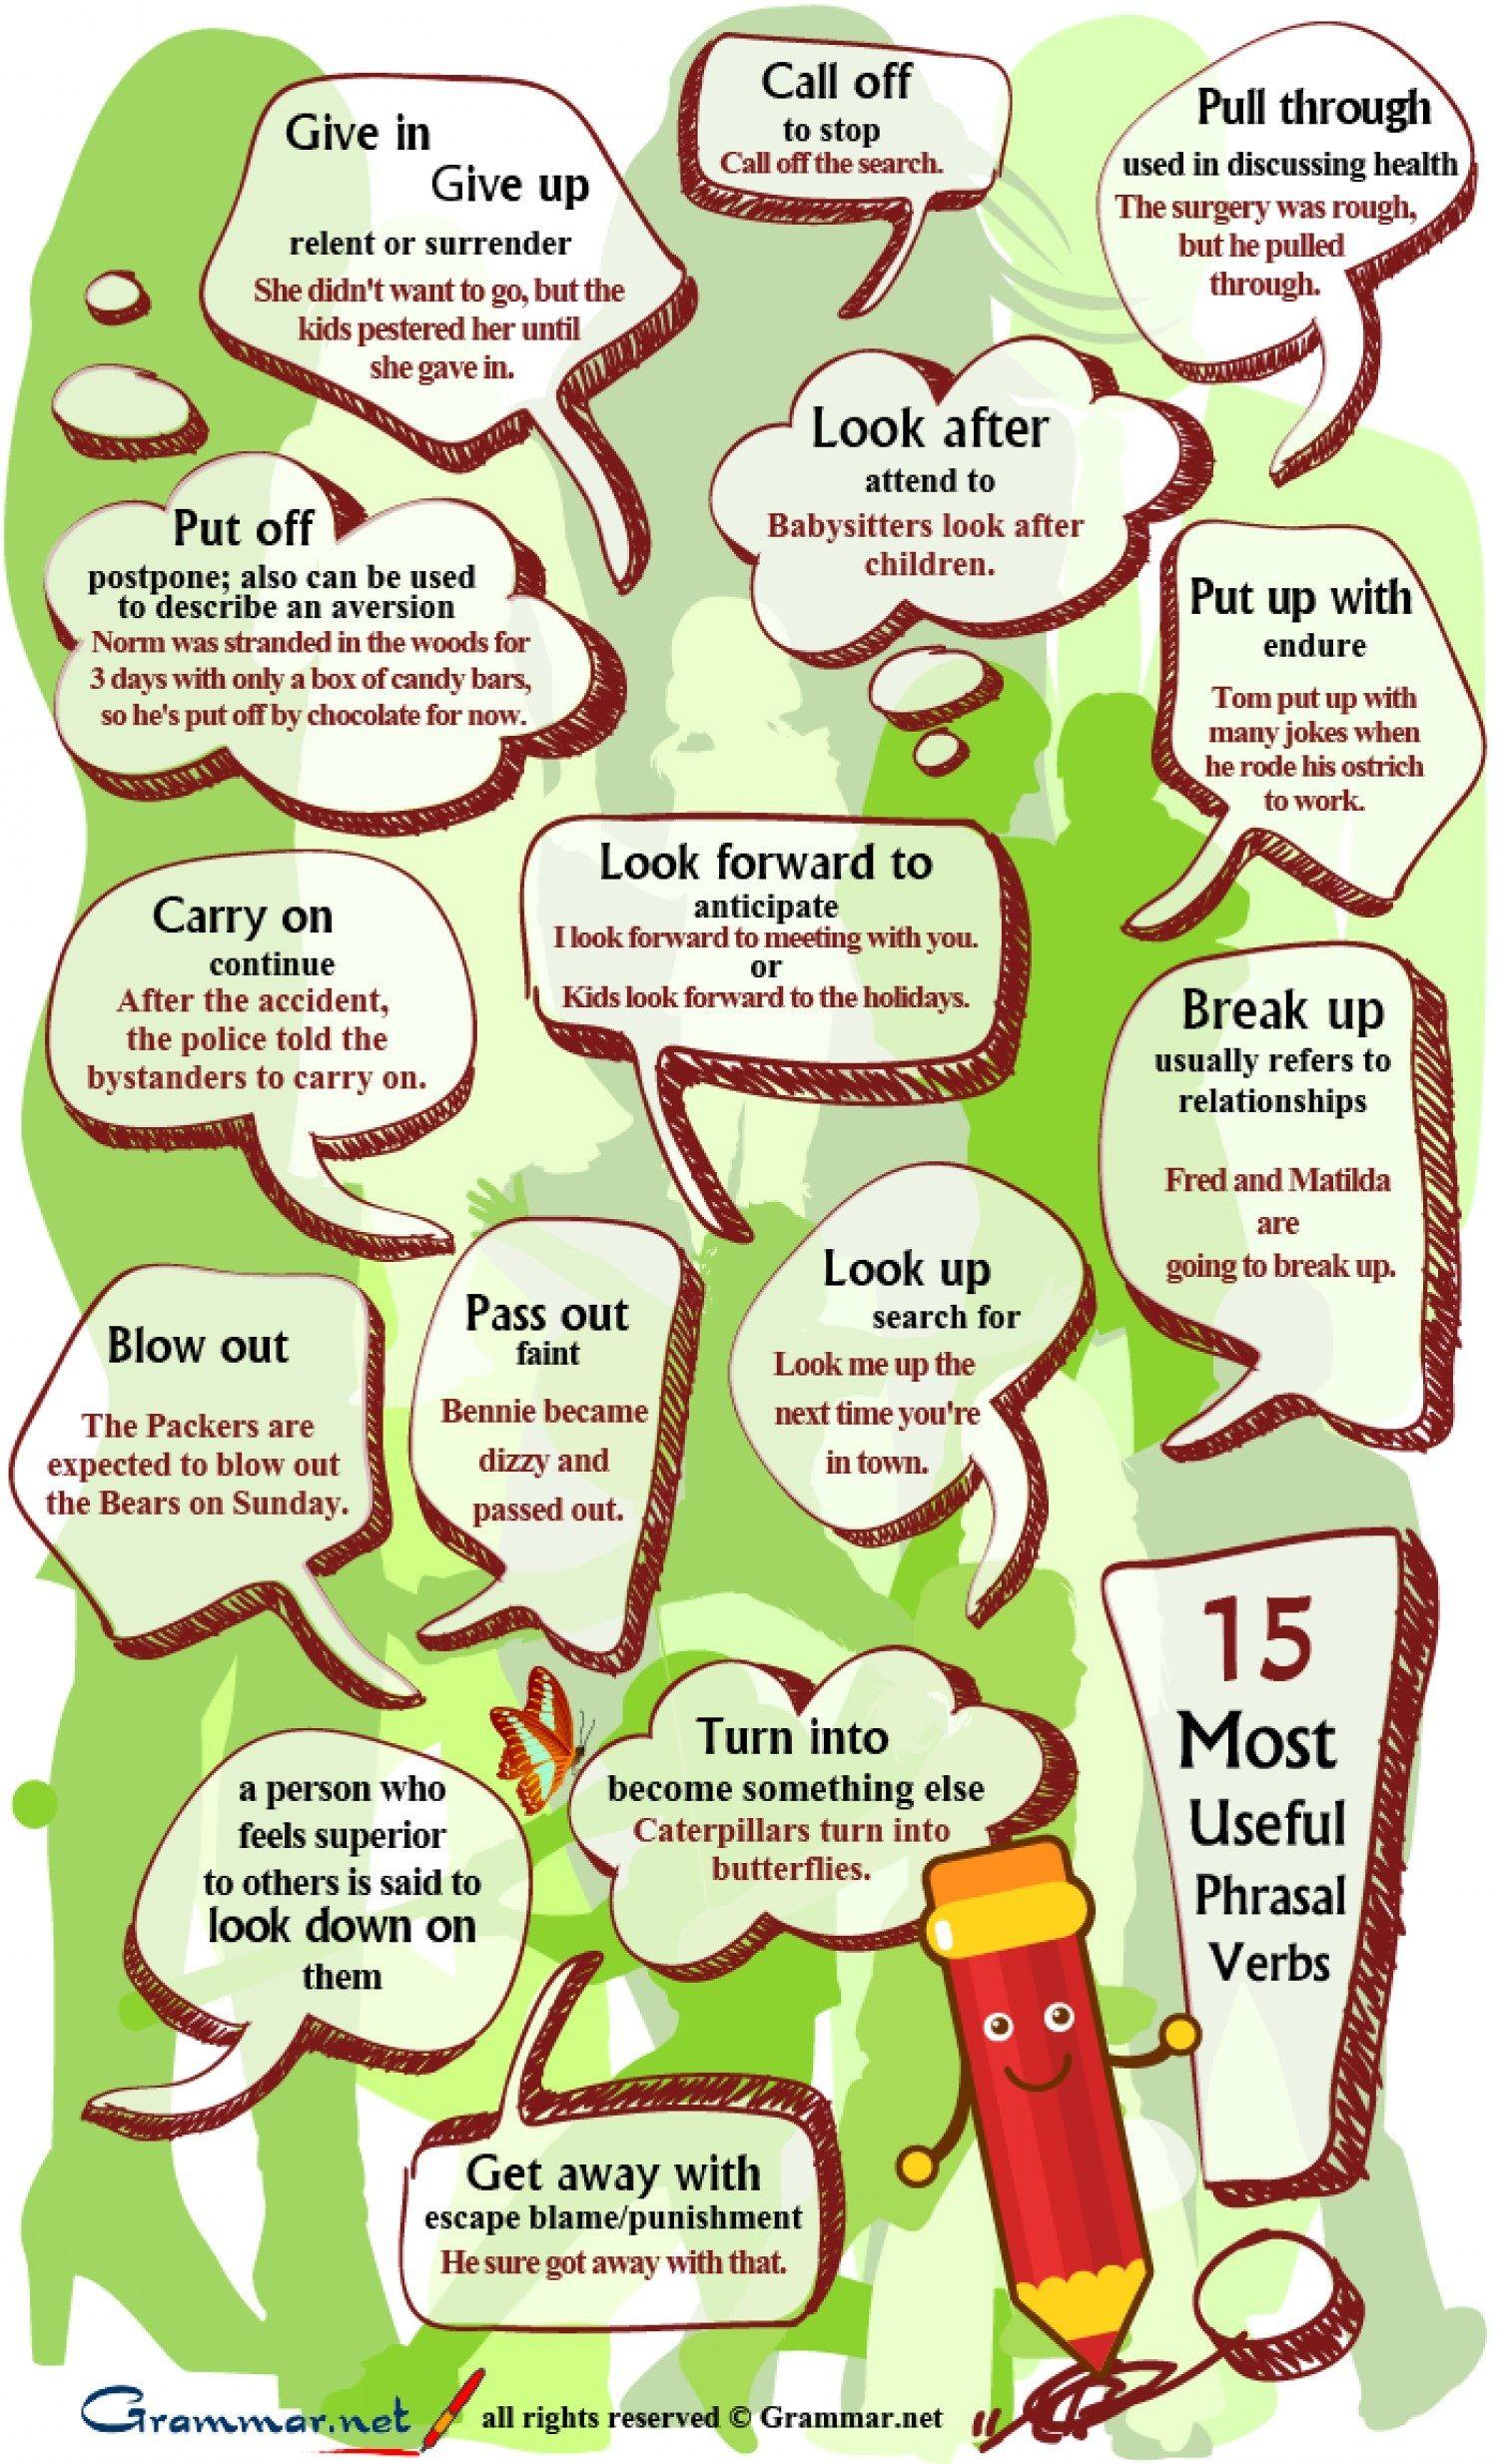 15 Most Useful Phrasal Verb Writer Write English Teaching Language Paraphrase Meaning In Gujarati